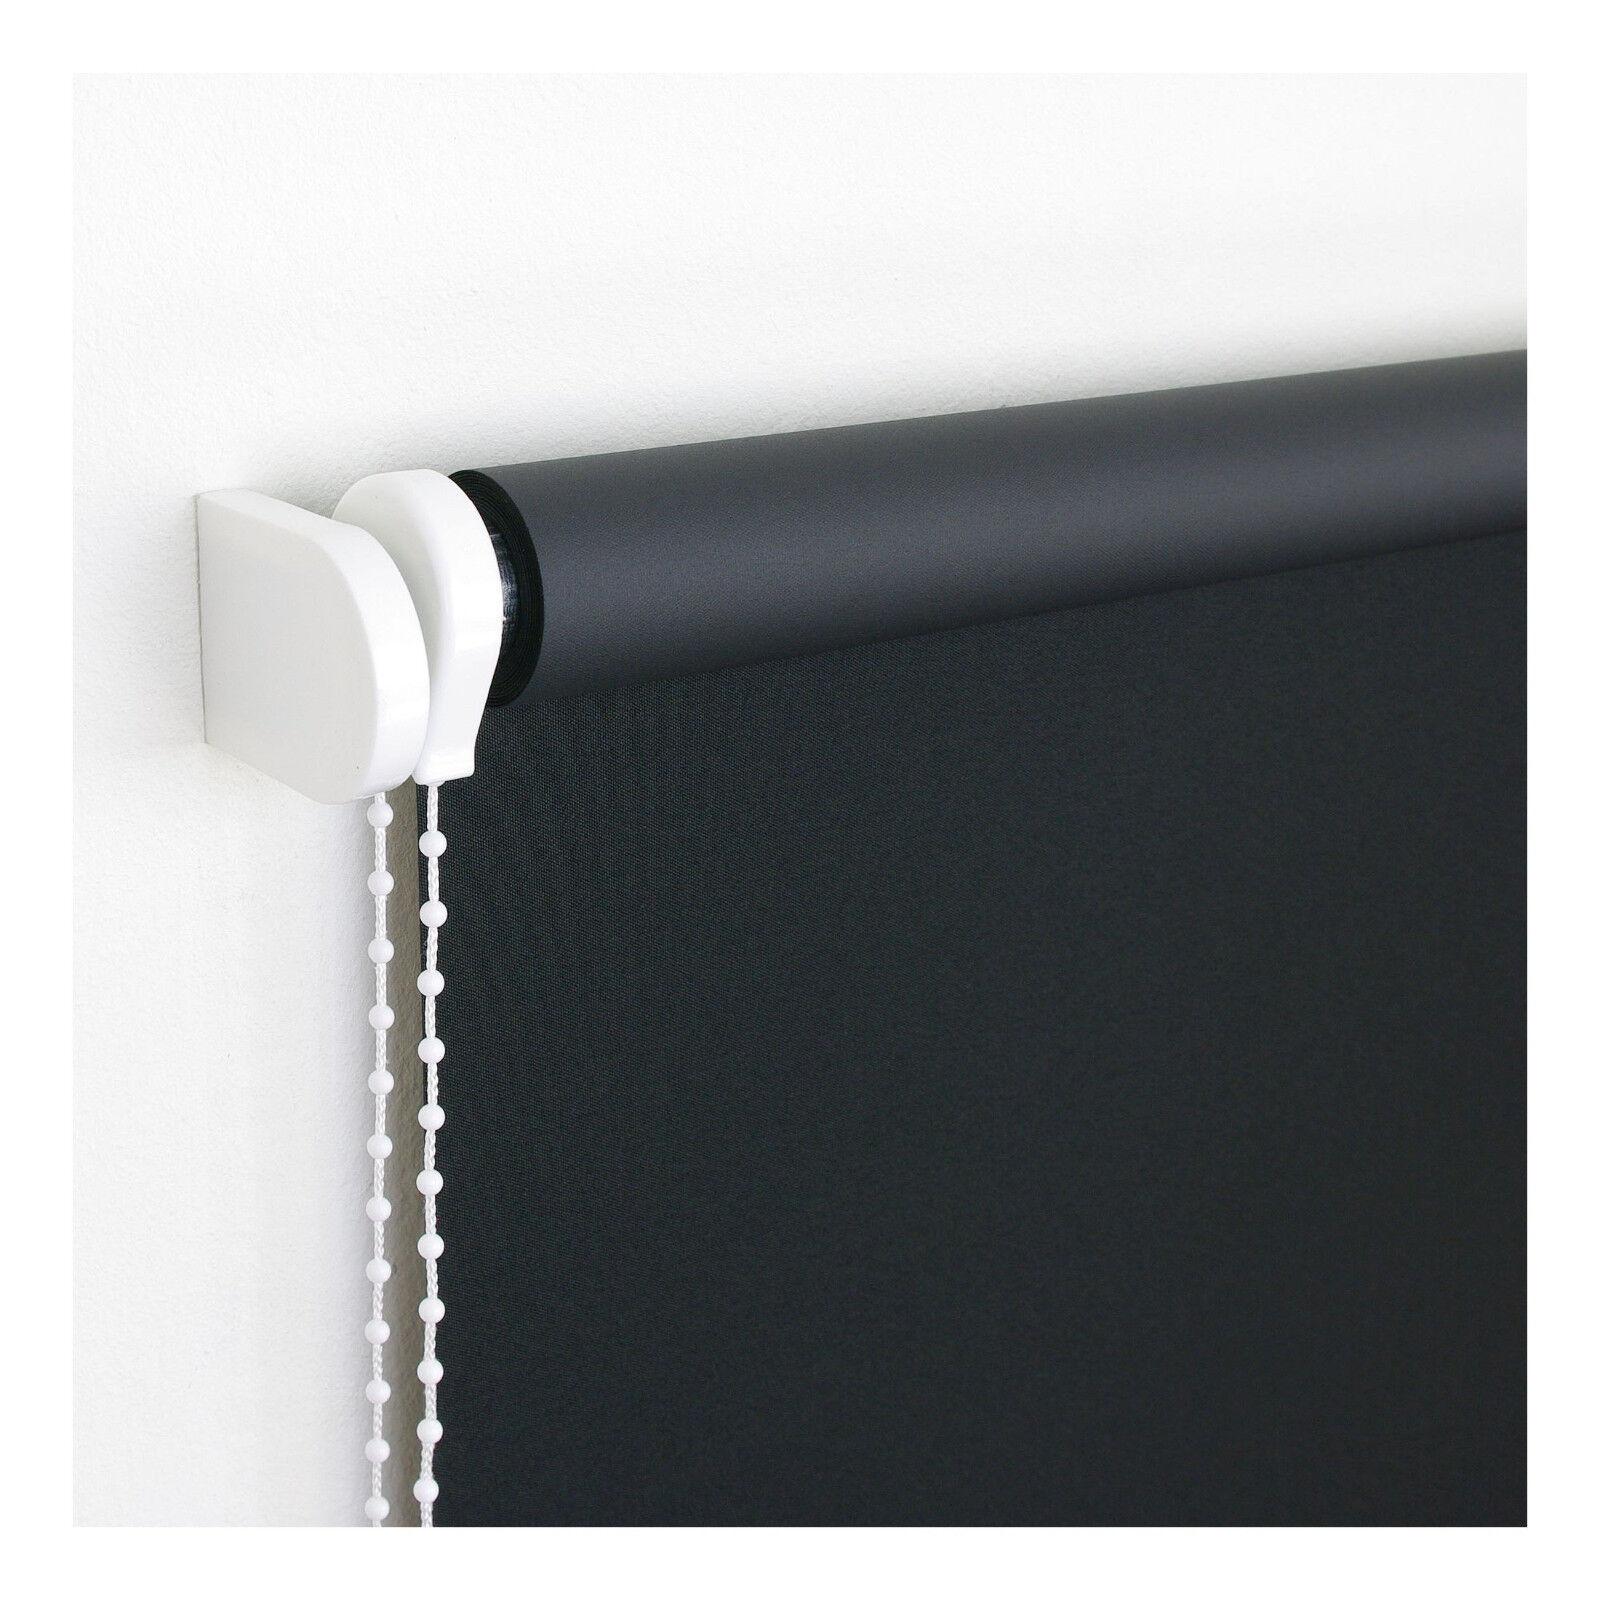 Verdunklungs-Kettenzugrollo Schwarz Seitenzugrollo Fensterrollo Sichtschutz